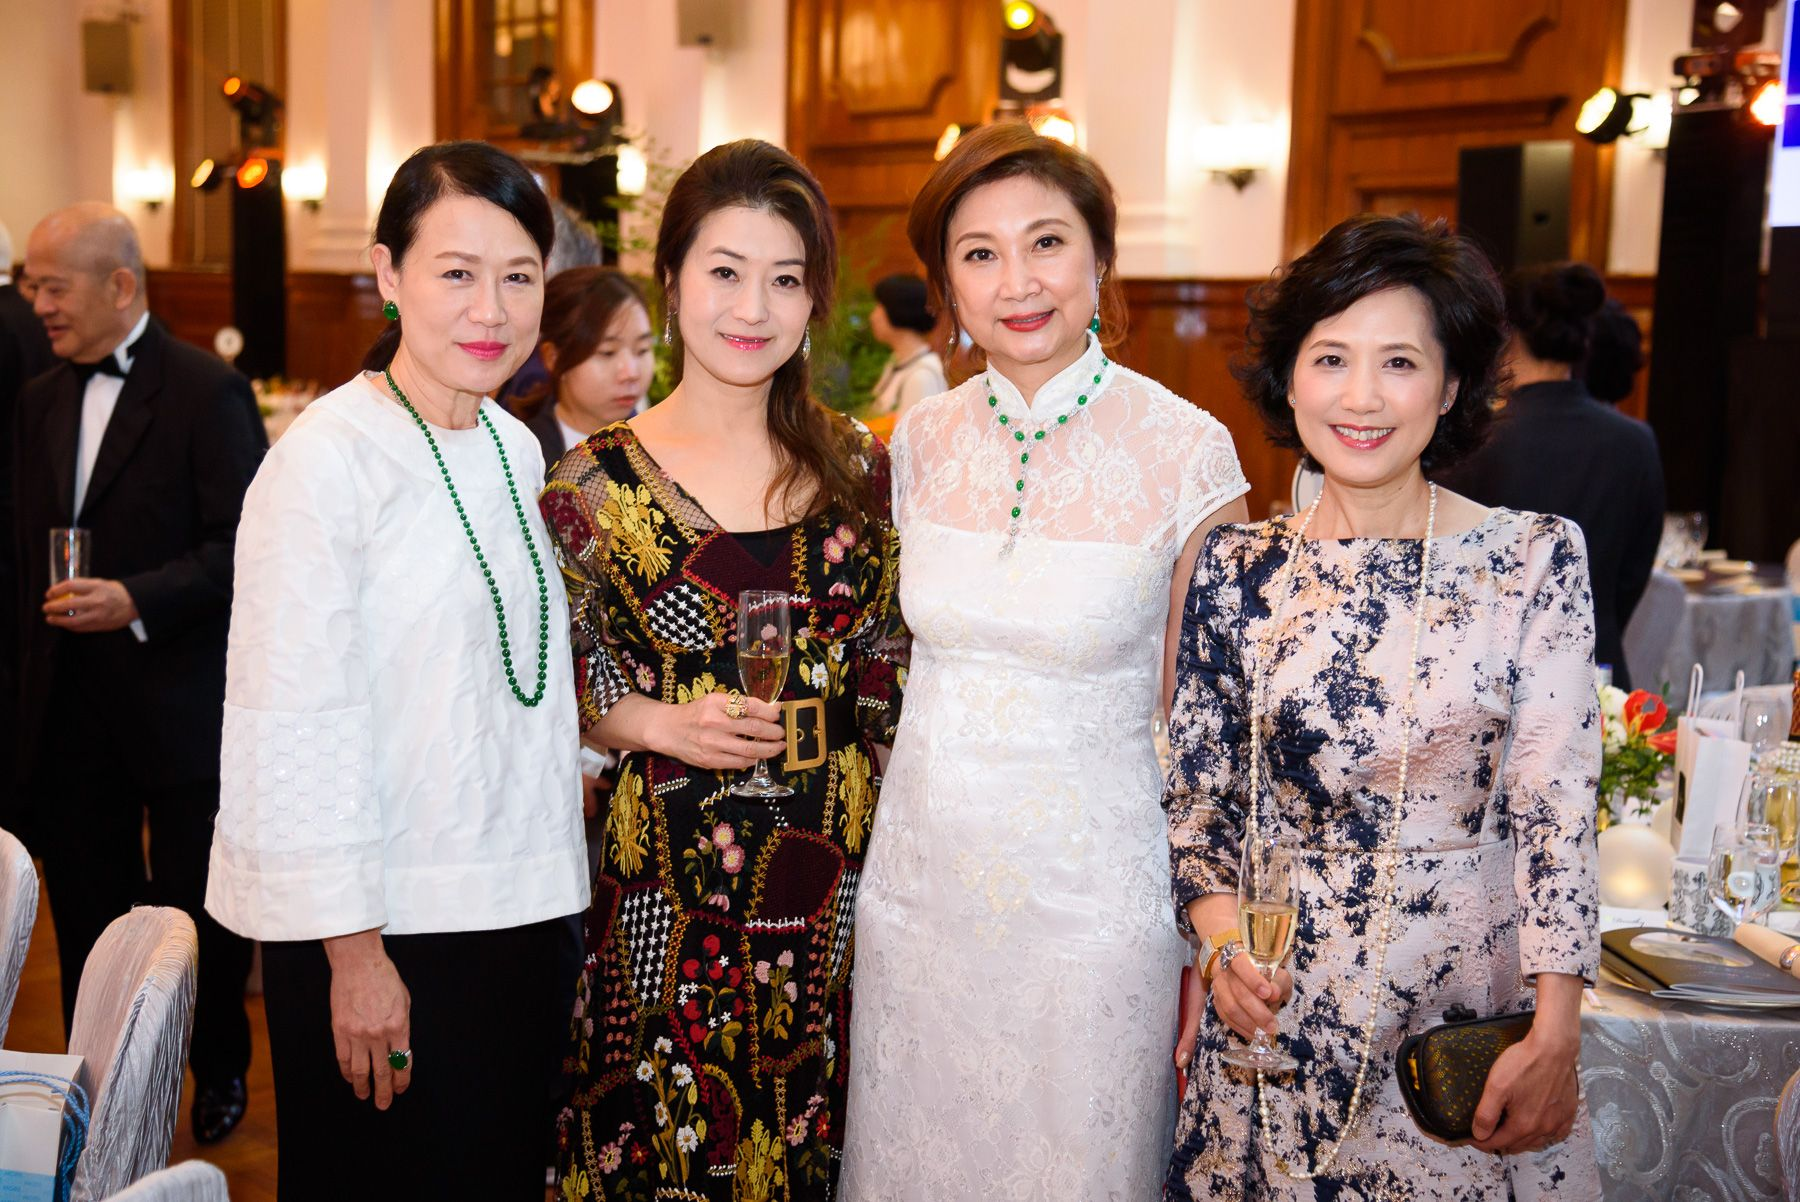 Linda Lau, Cecilia Cheung, Catherine Kwai, Wendy Tsang